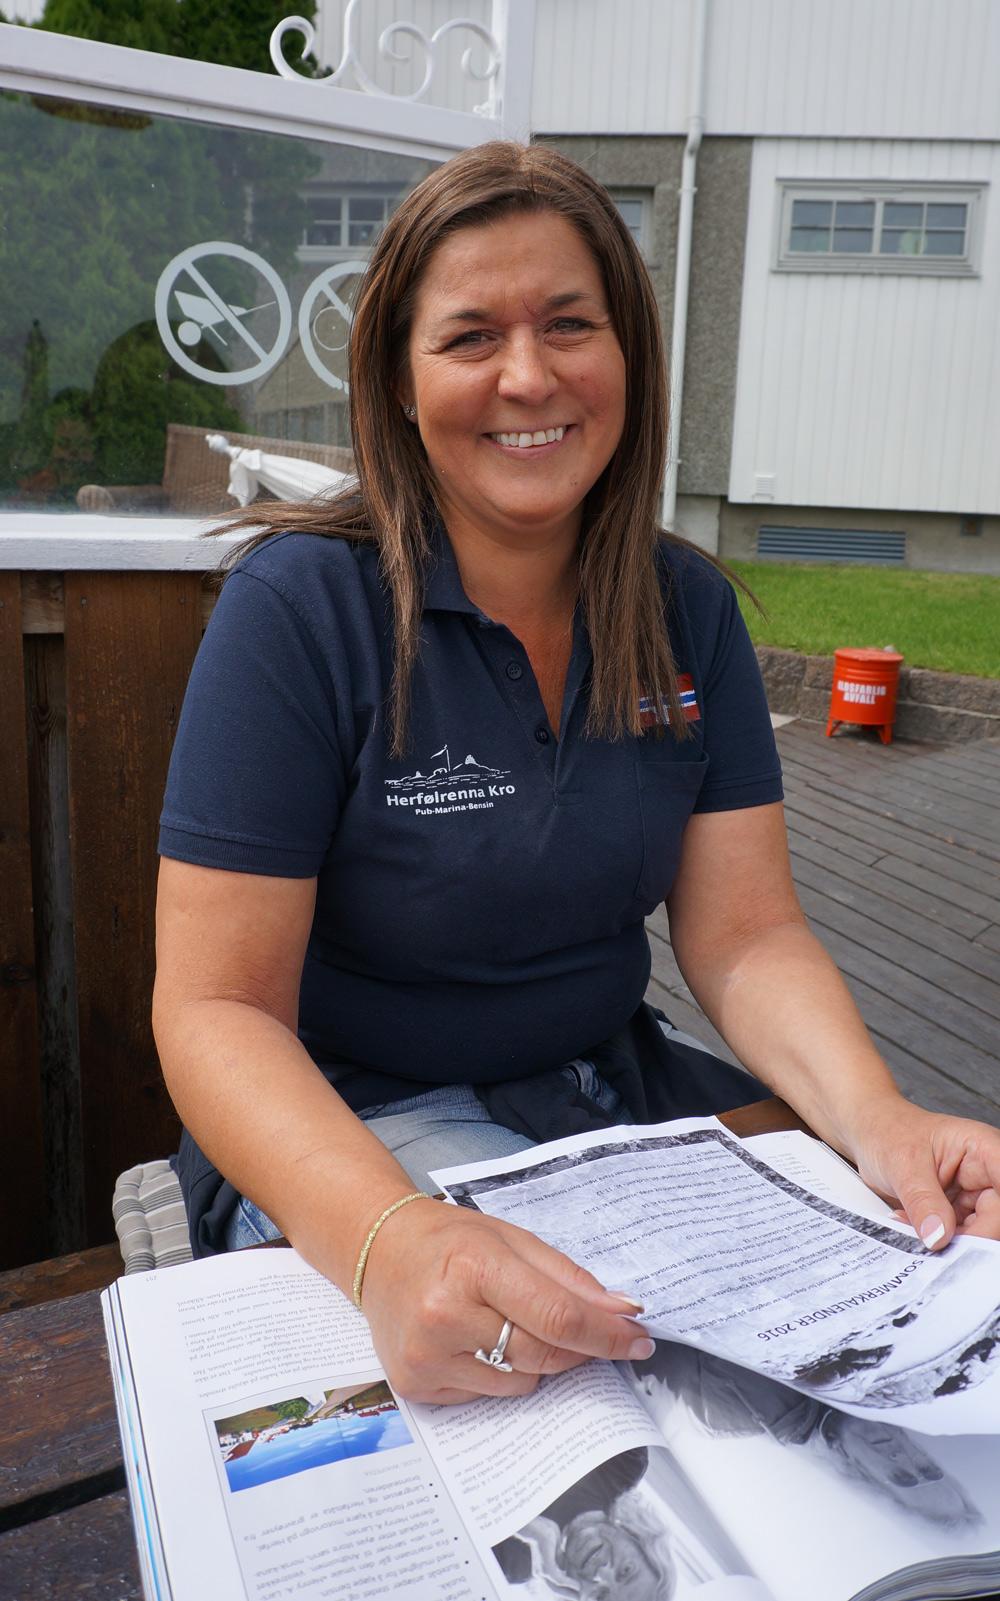 Lise Bustgaard er sjefen for Herfølrenna kro og bryggekjøkken